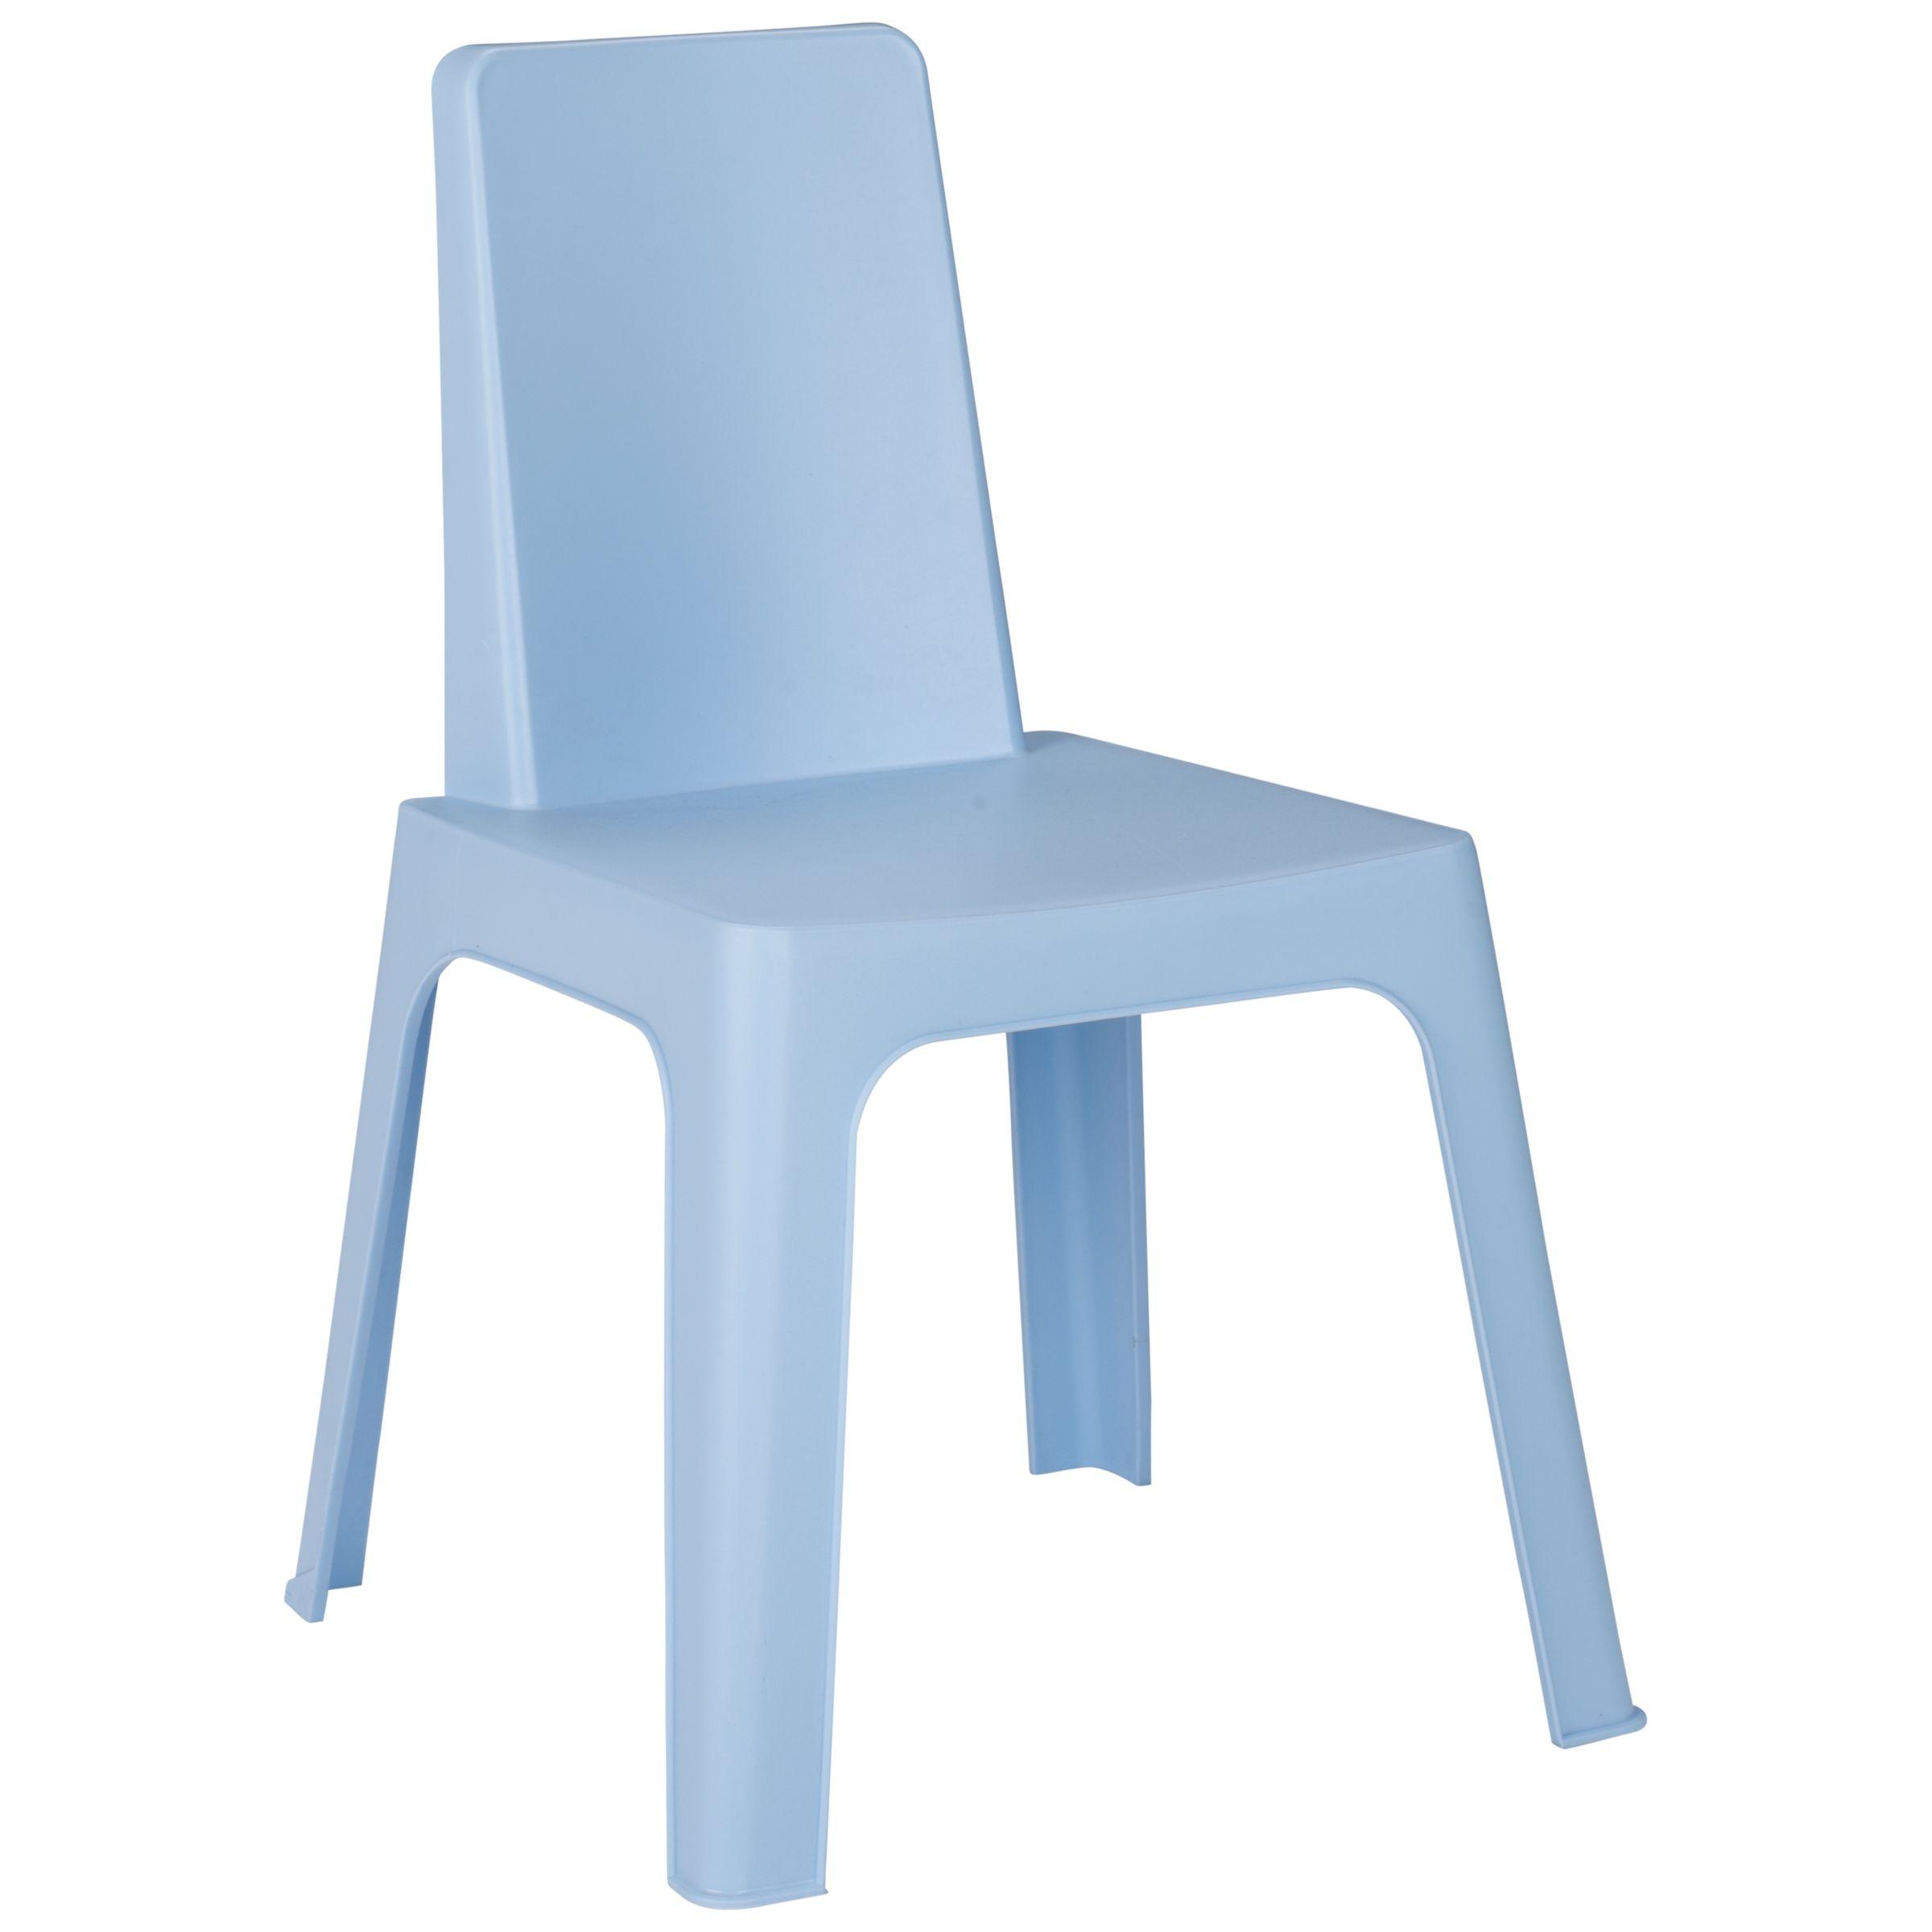 Resol Julietta Children's Chair, Blue